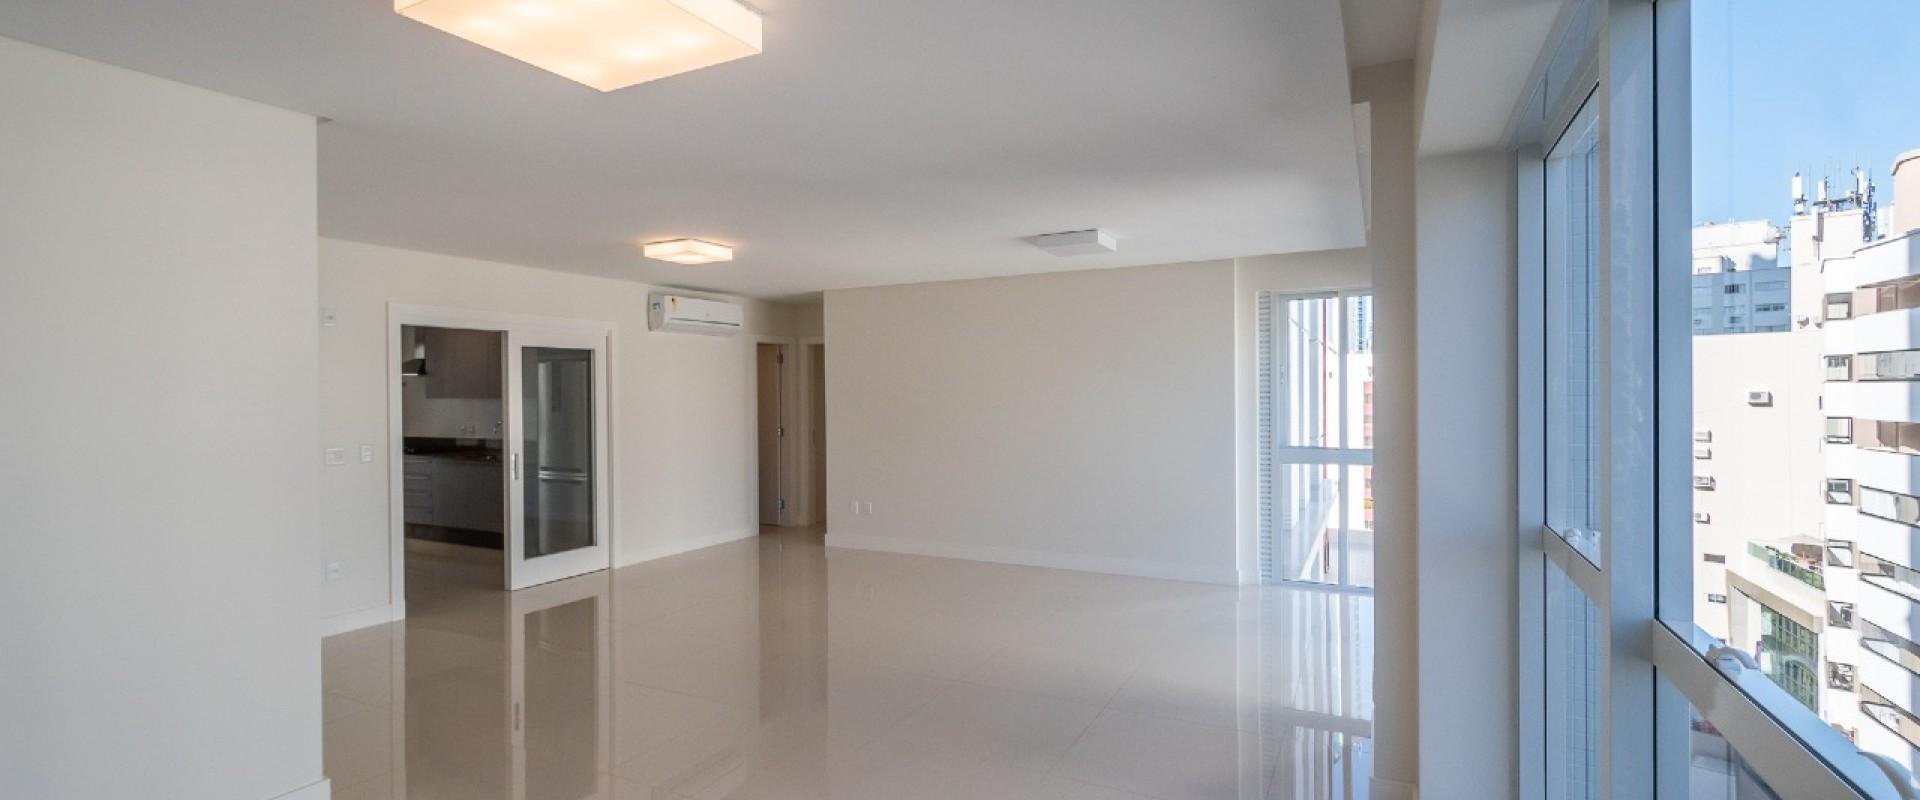 Acqualina Apartamento no Acqualina Residence em Bal Camboriú